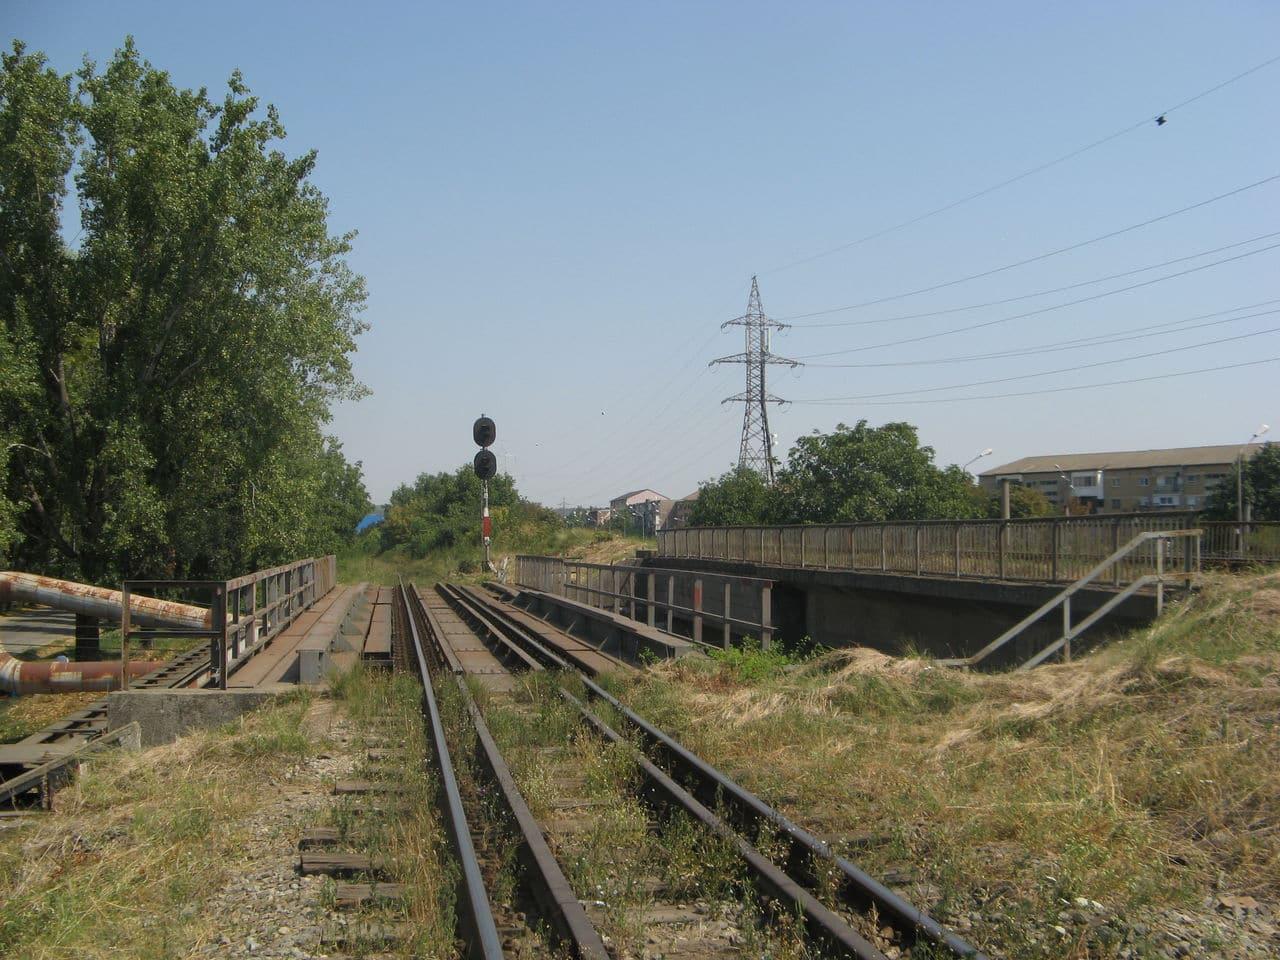 Calea ferată directă Oradea Vest - Episcopia Bihor IMG_0020